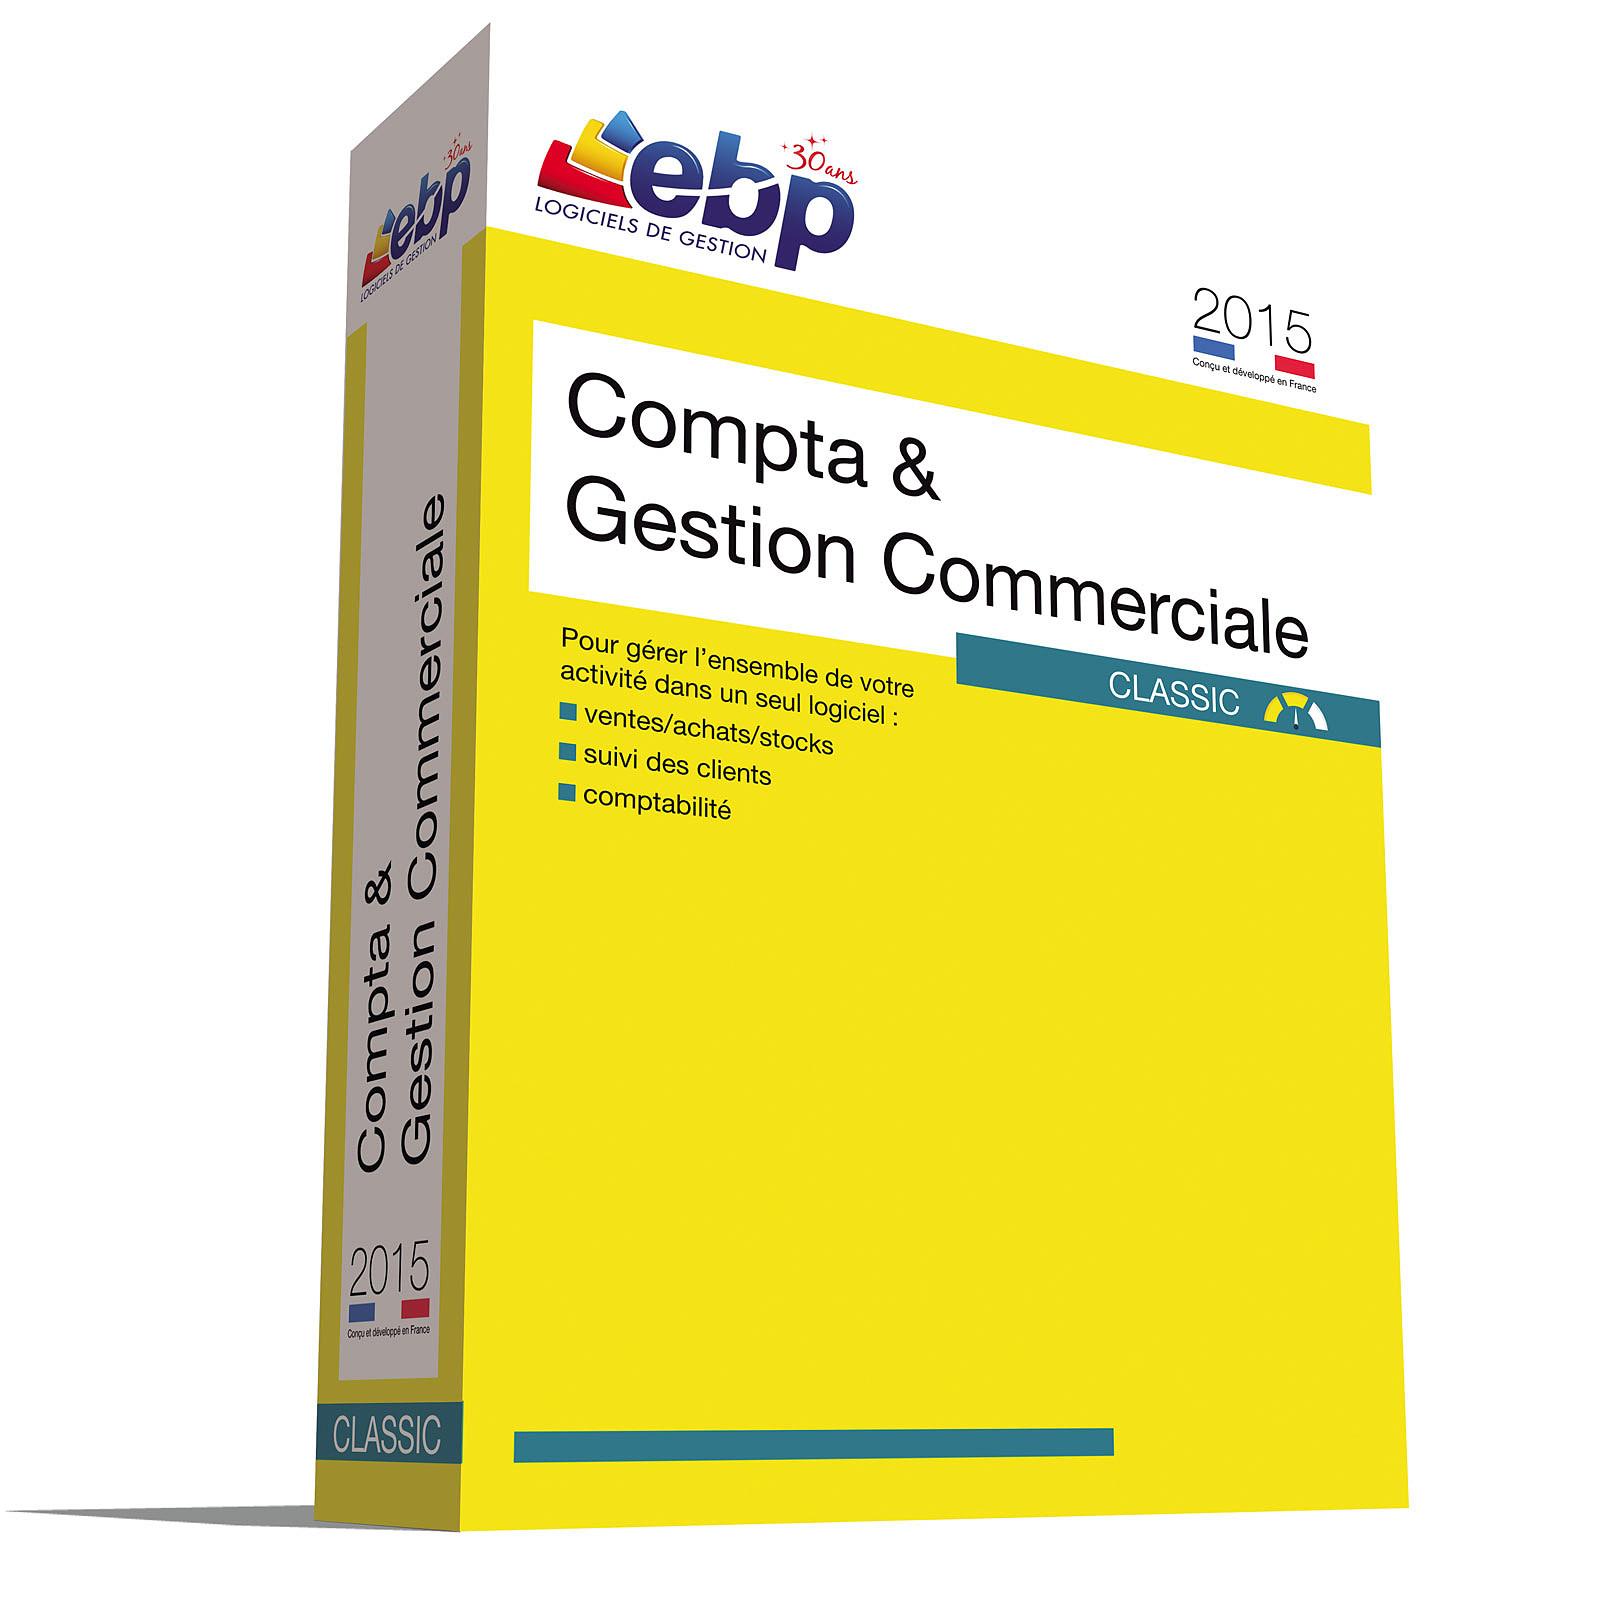 EBP Compta et Gestion Commerciale Classic 2015